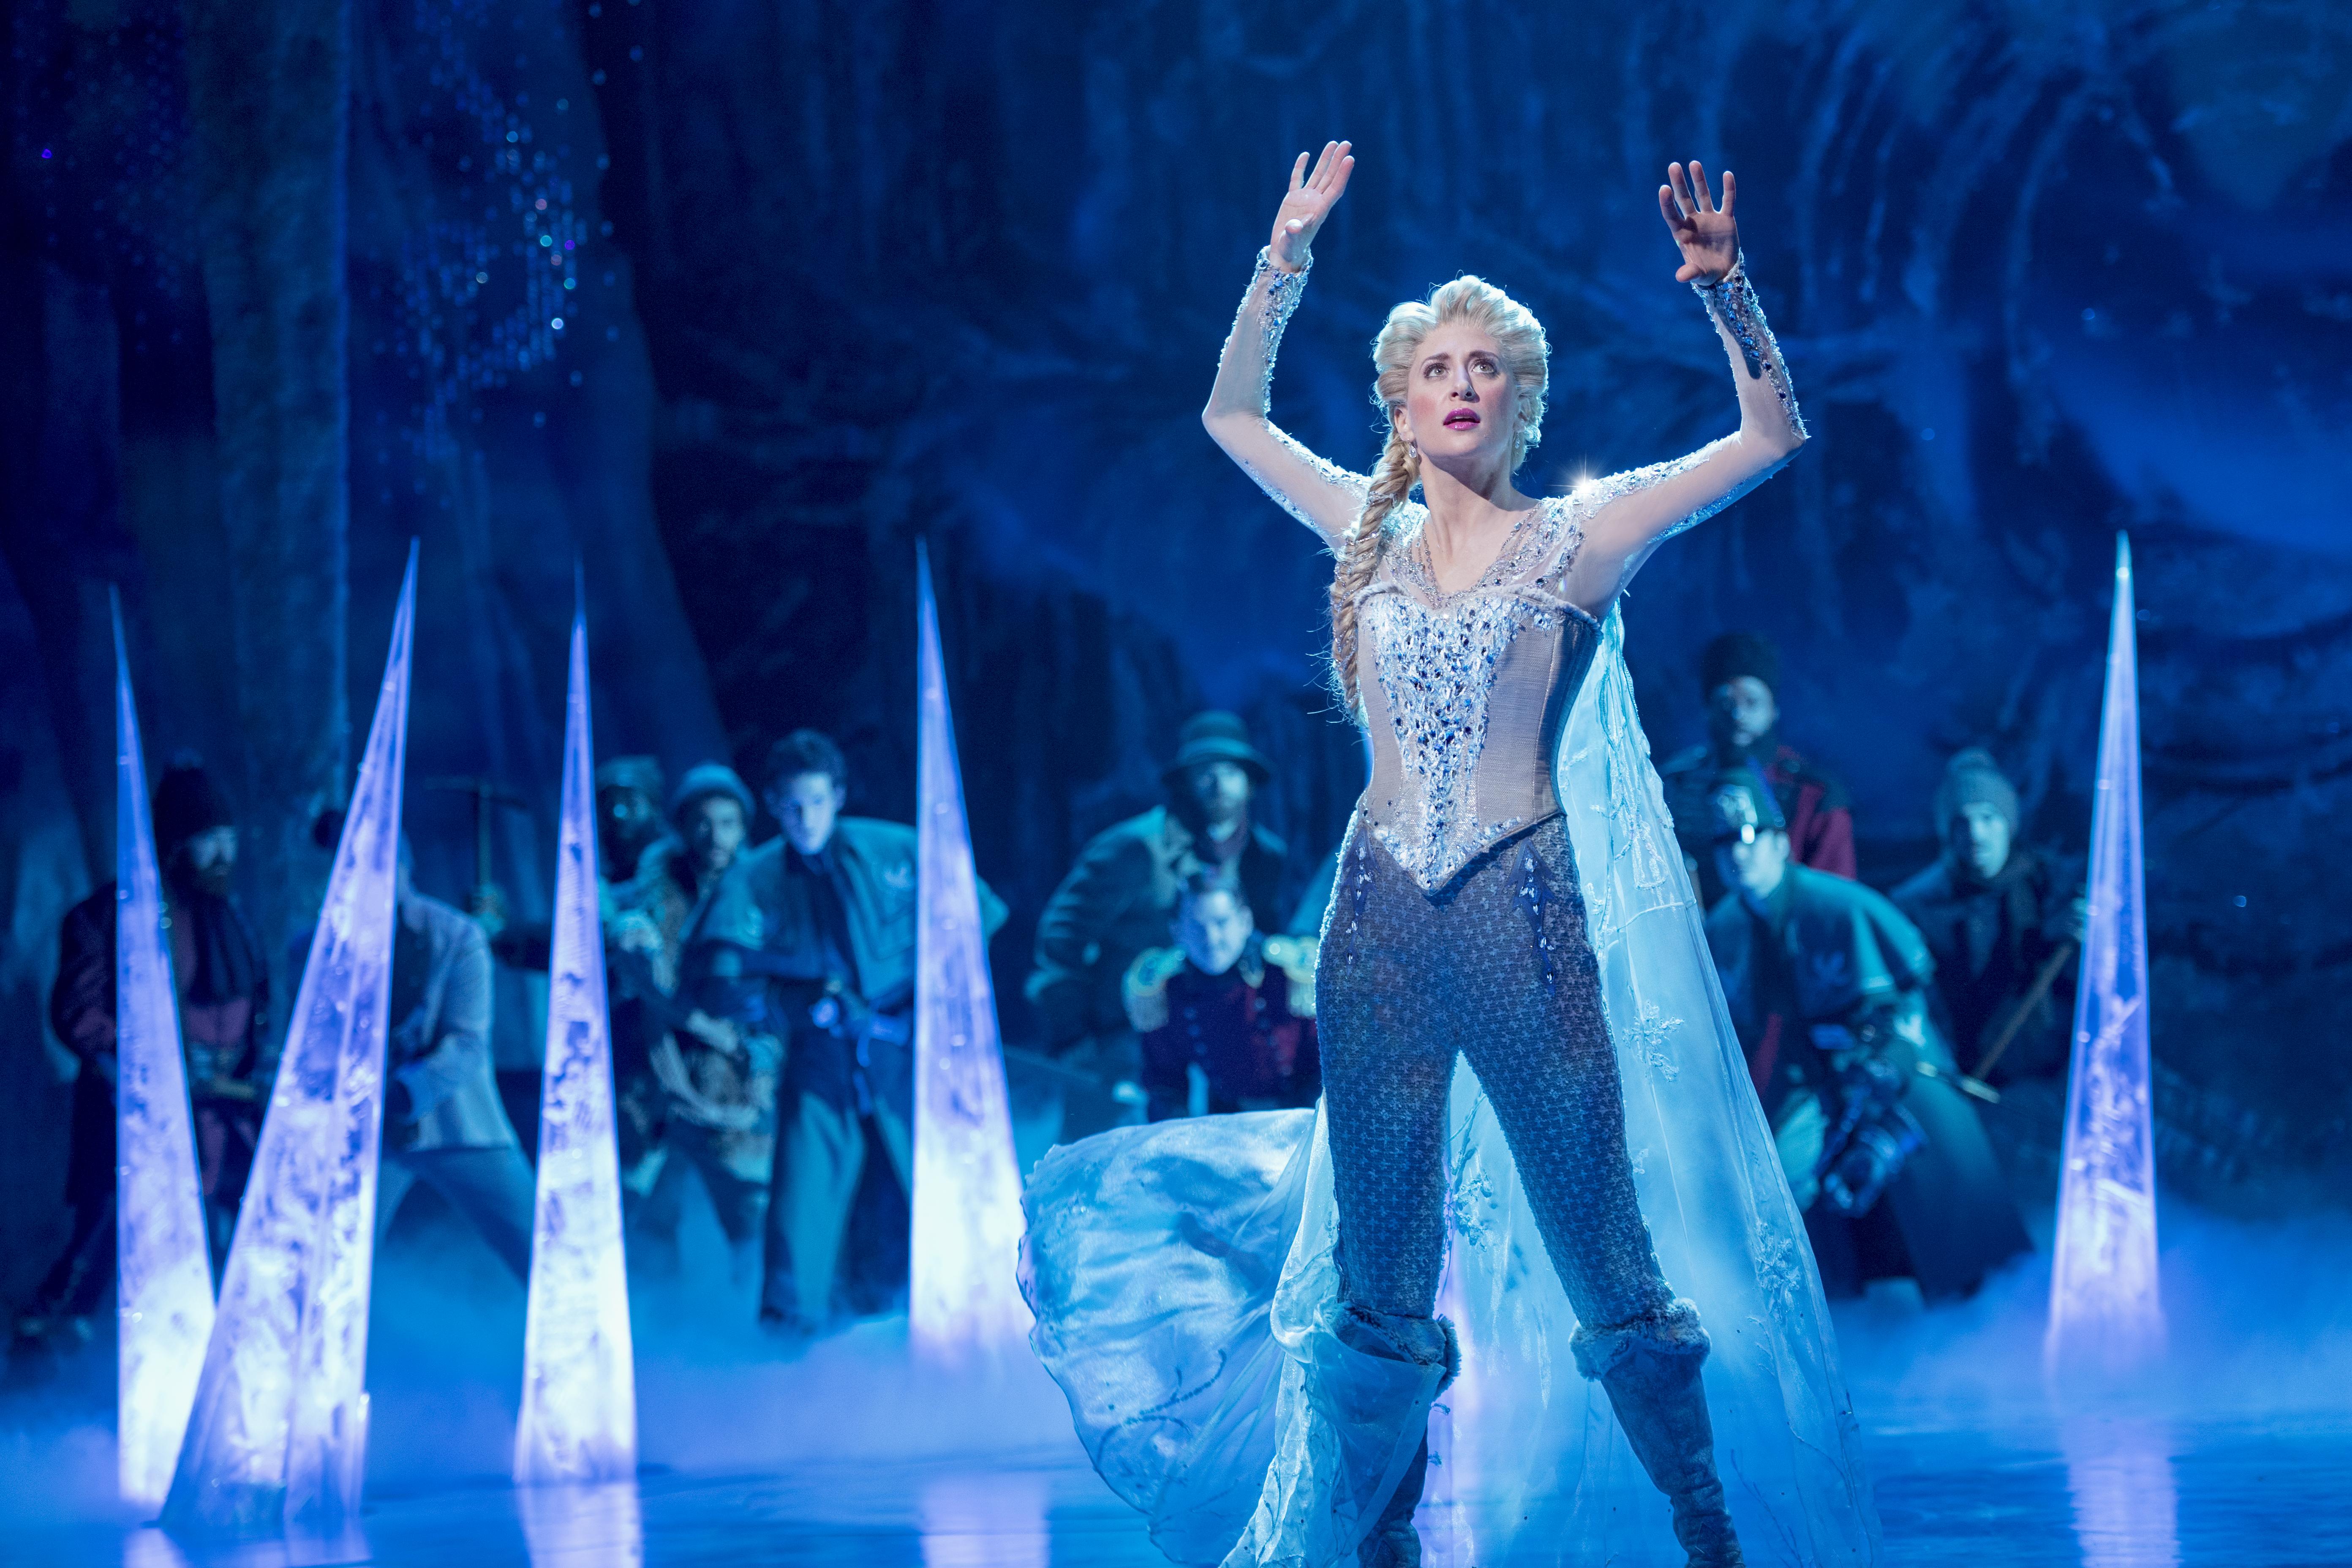 Caissie-Levy-as-Elsa-in-FROZEN-on-Broadway-Photo-by-Deen-van-Meer.jpg